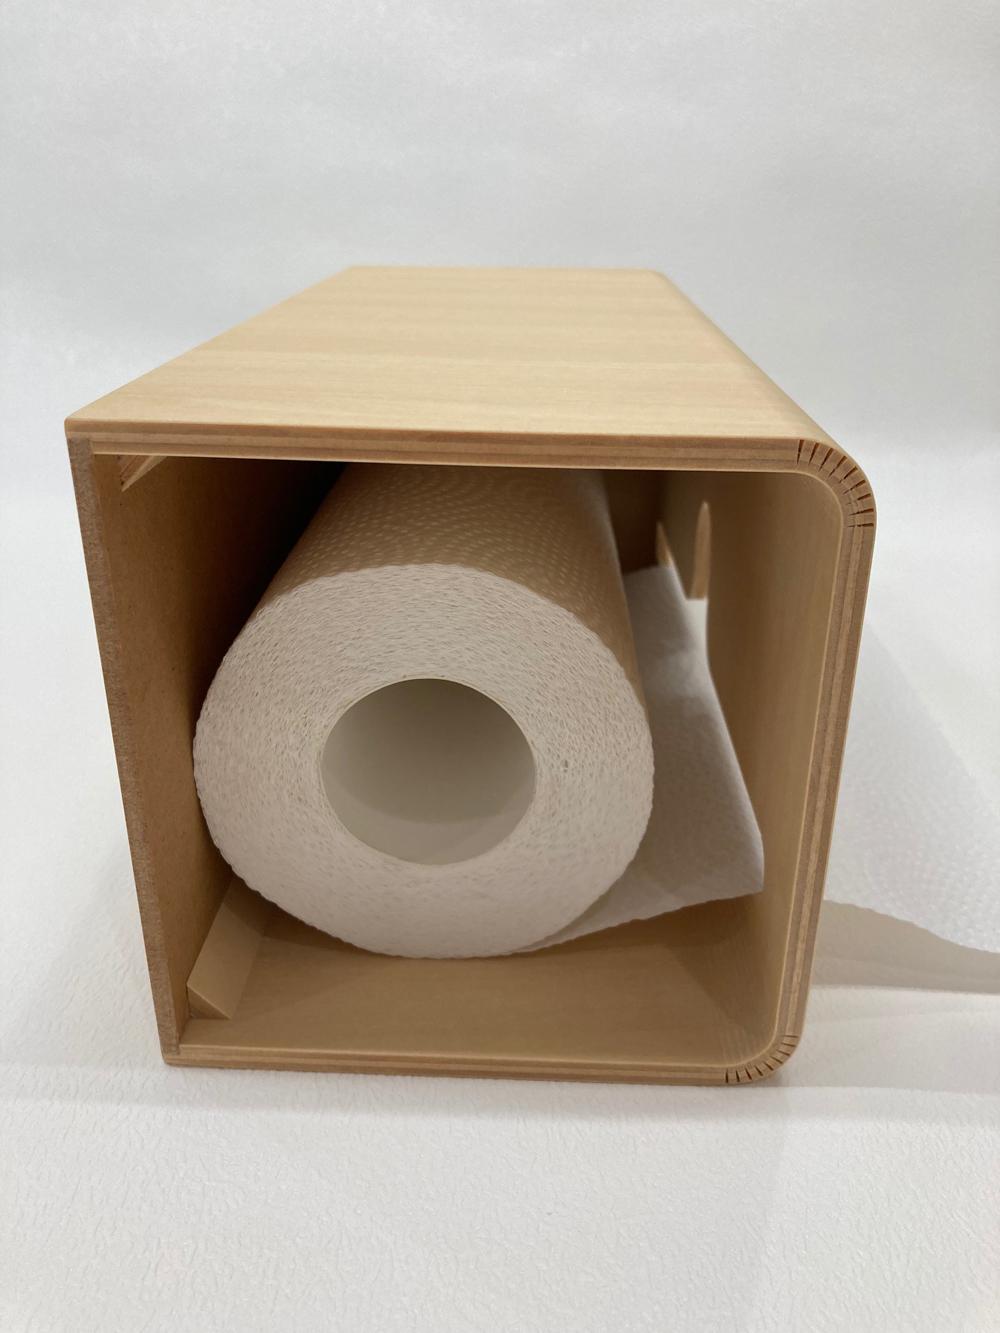 シナ材のロールペーパーケース